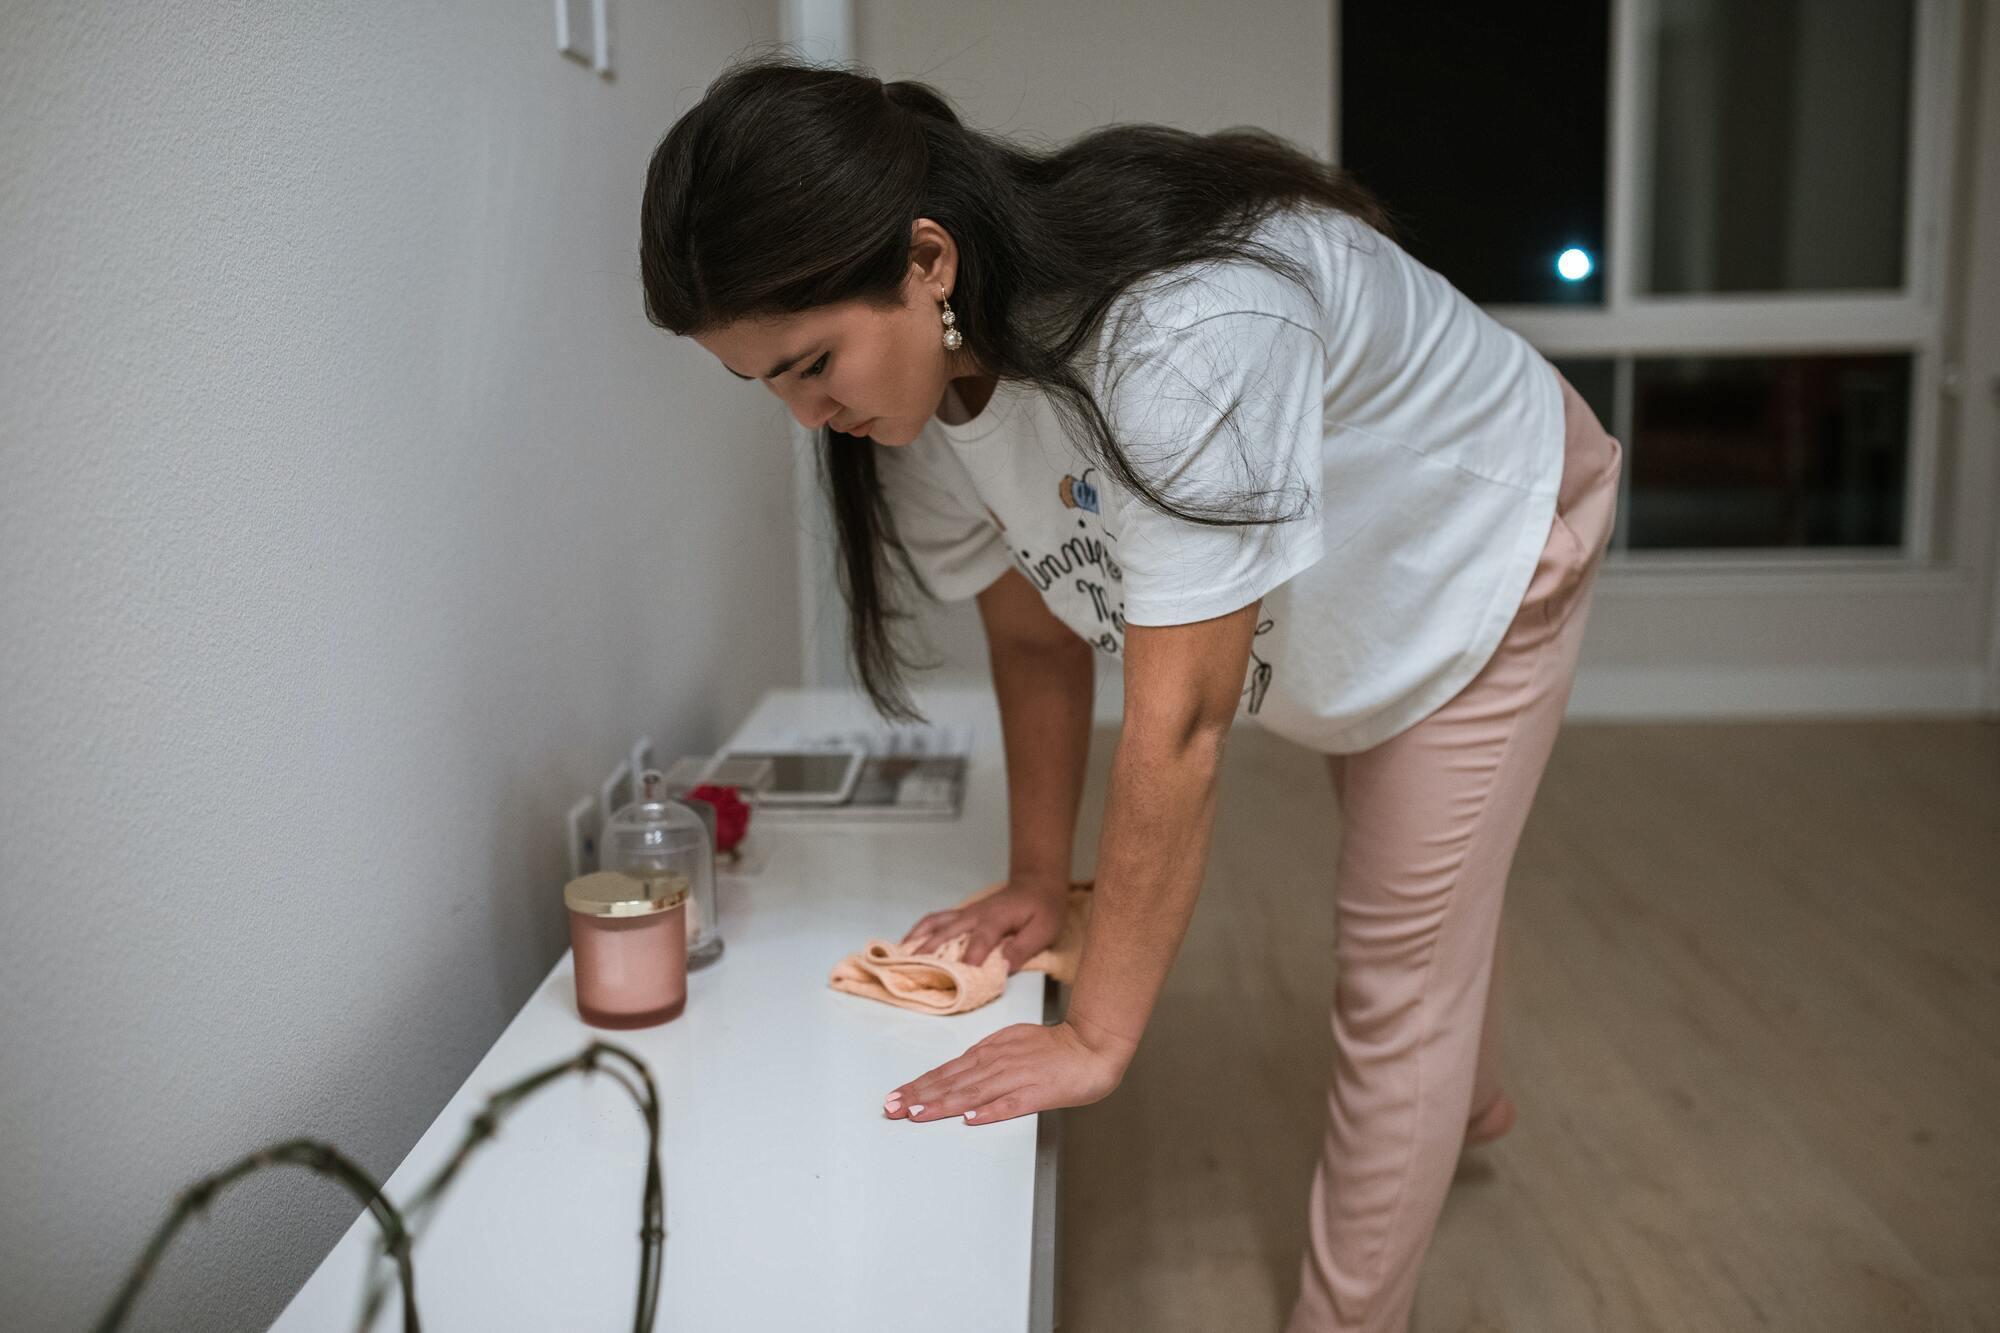 Влітку проводити вологе прибирання потрібно кілька разів на день